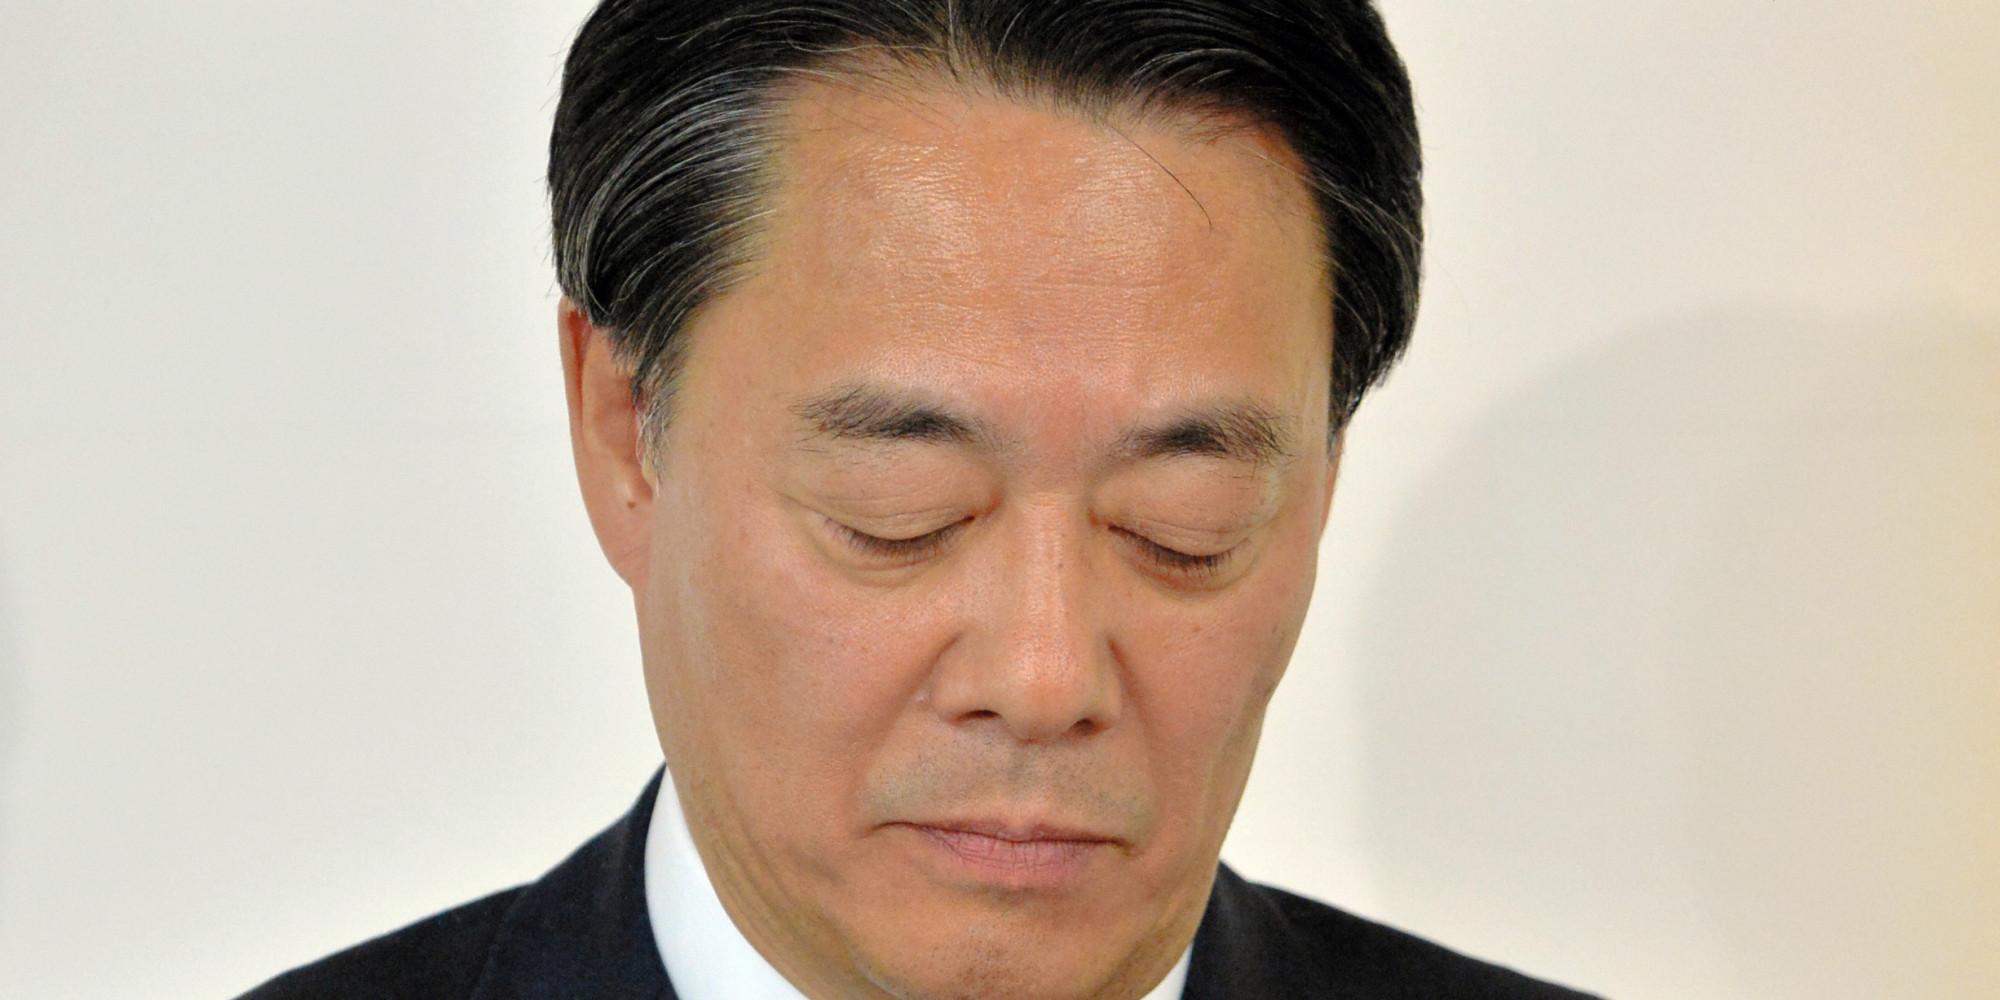 海江田万里氏が落選 民主党代表を辞任へ 海江田万里氏が落選 民主党代表を辞任へ